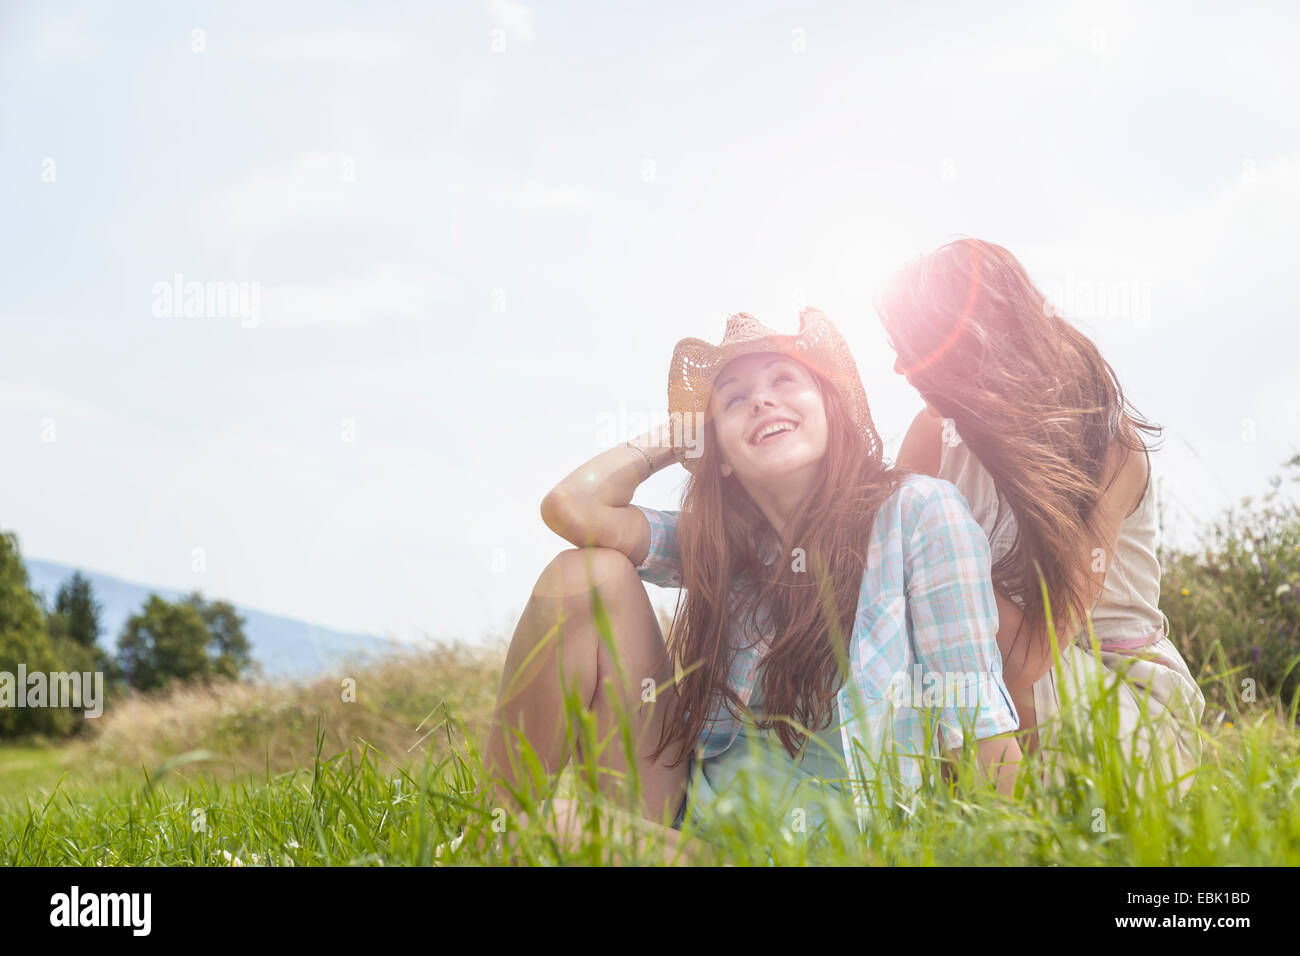 Dos jóvenes mujeres sentadas conversando en césped Imagen De Stock